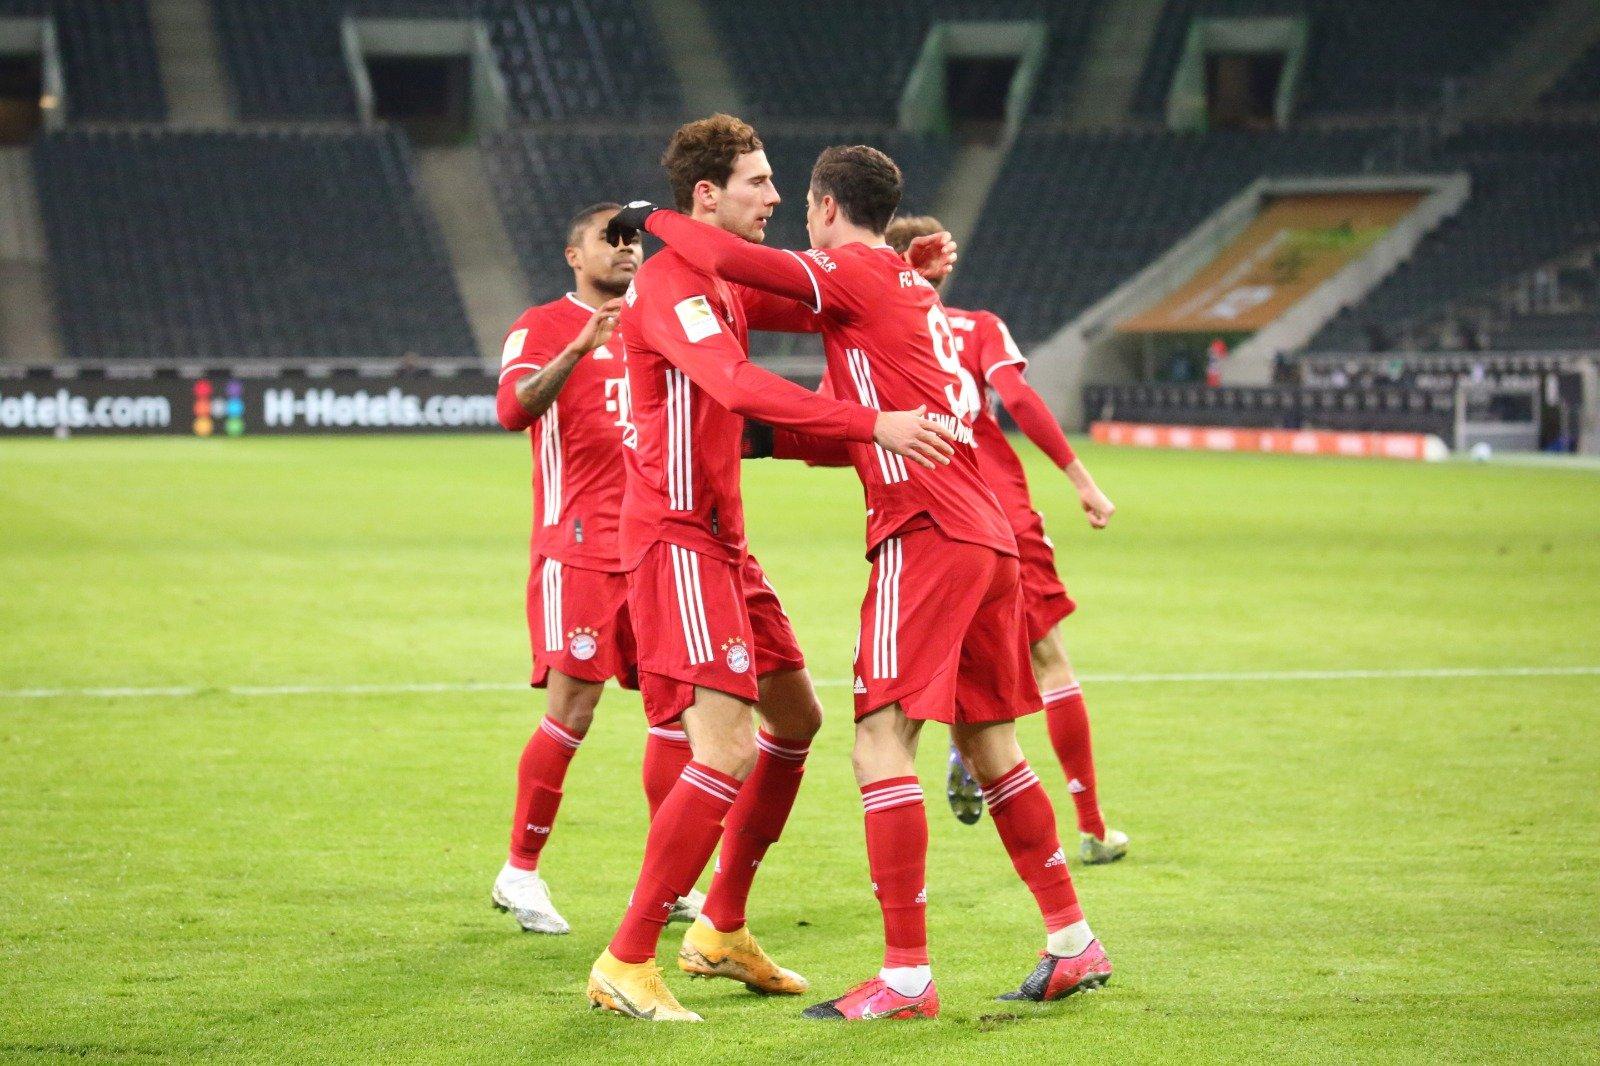 Bayern Munich [PHOTO CREDIT: @FCBayernEN]